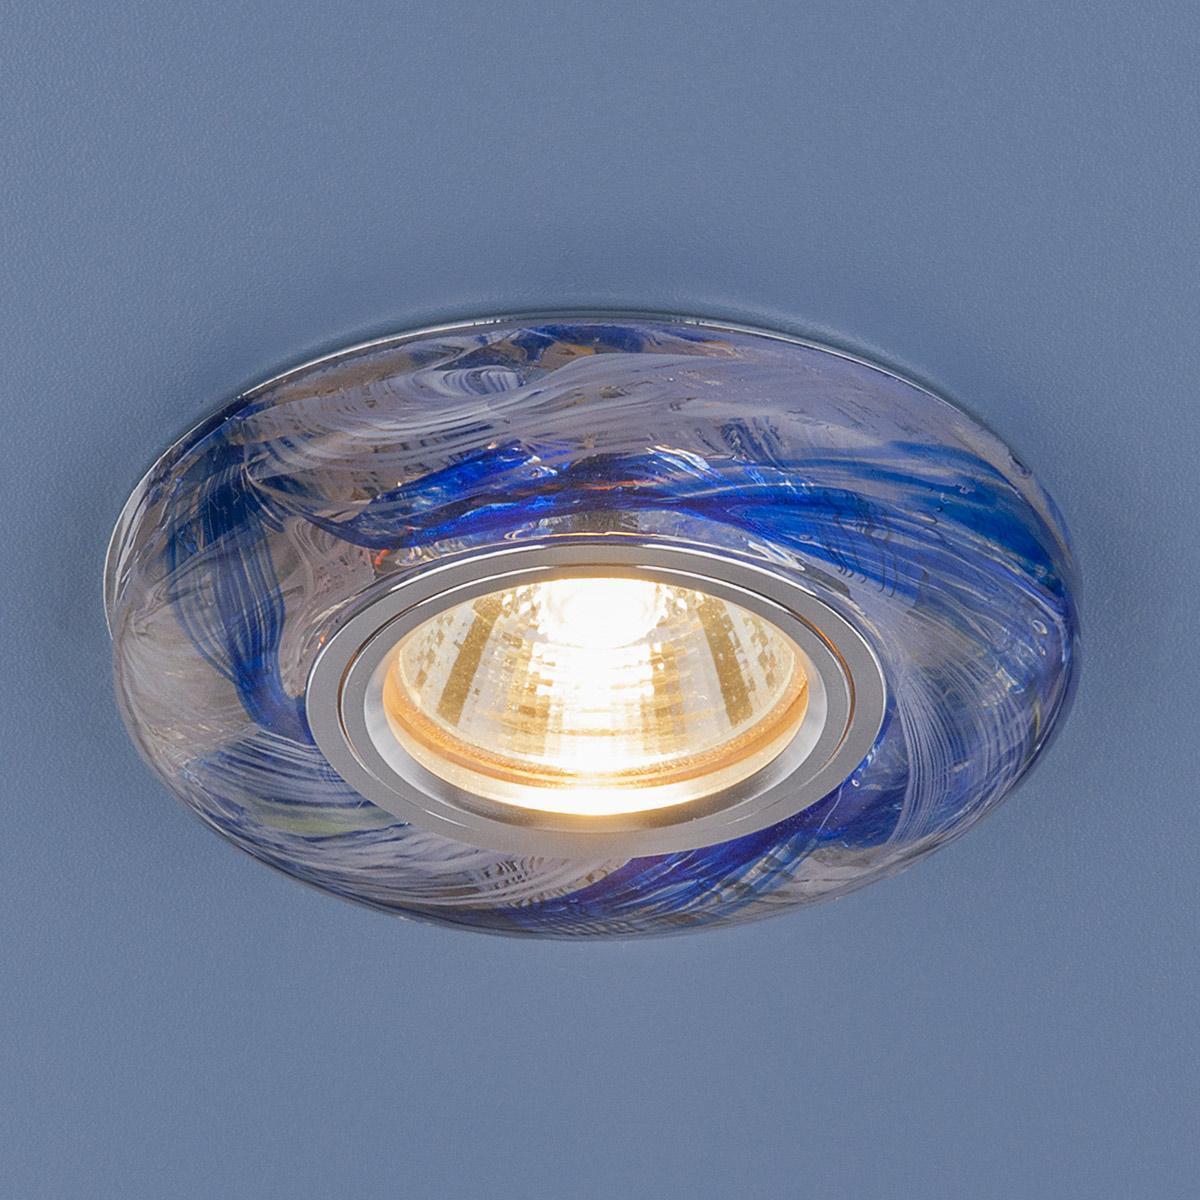 Встраиваемый светильник Elektrostandard 2191 MR16 CL/DBL прозрачный/синий 4690389096105 встраиваемый светильник 2191 mr16 cl gr прозрачный зеленый elektrostandard 1251036